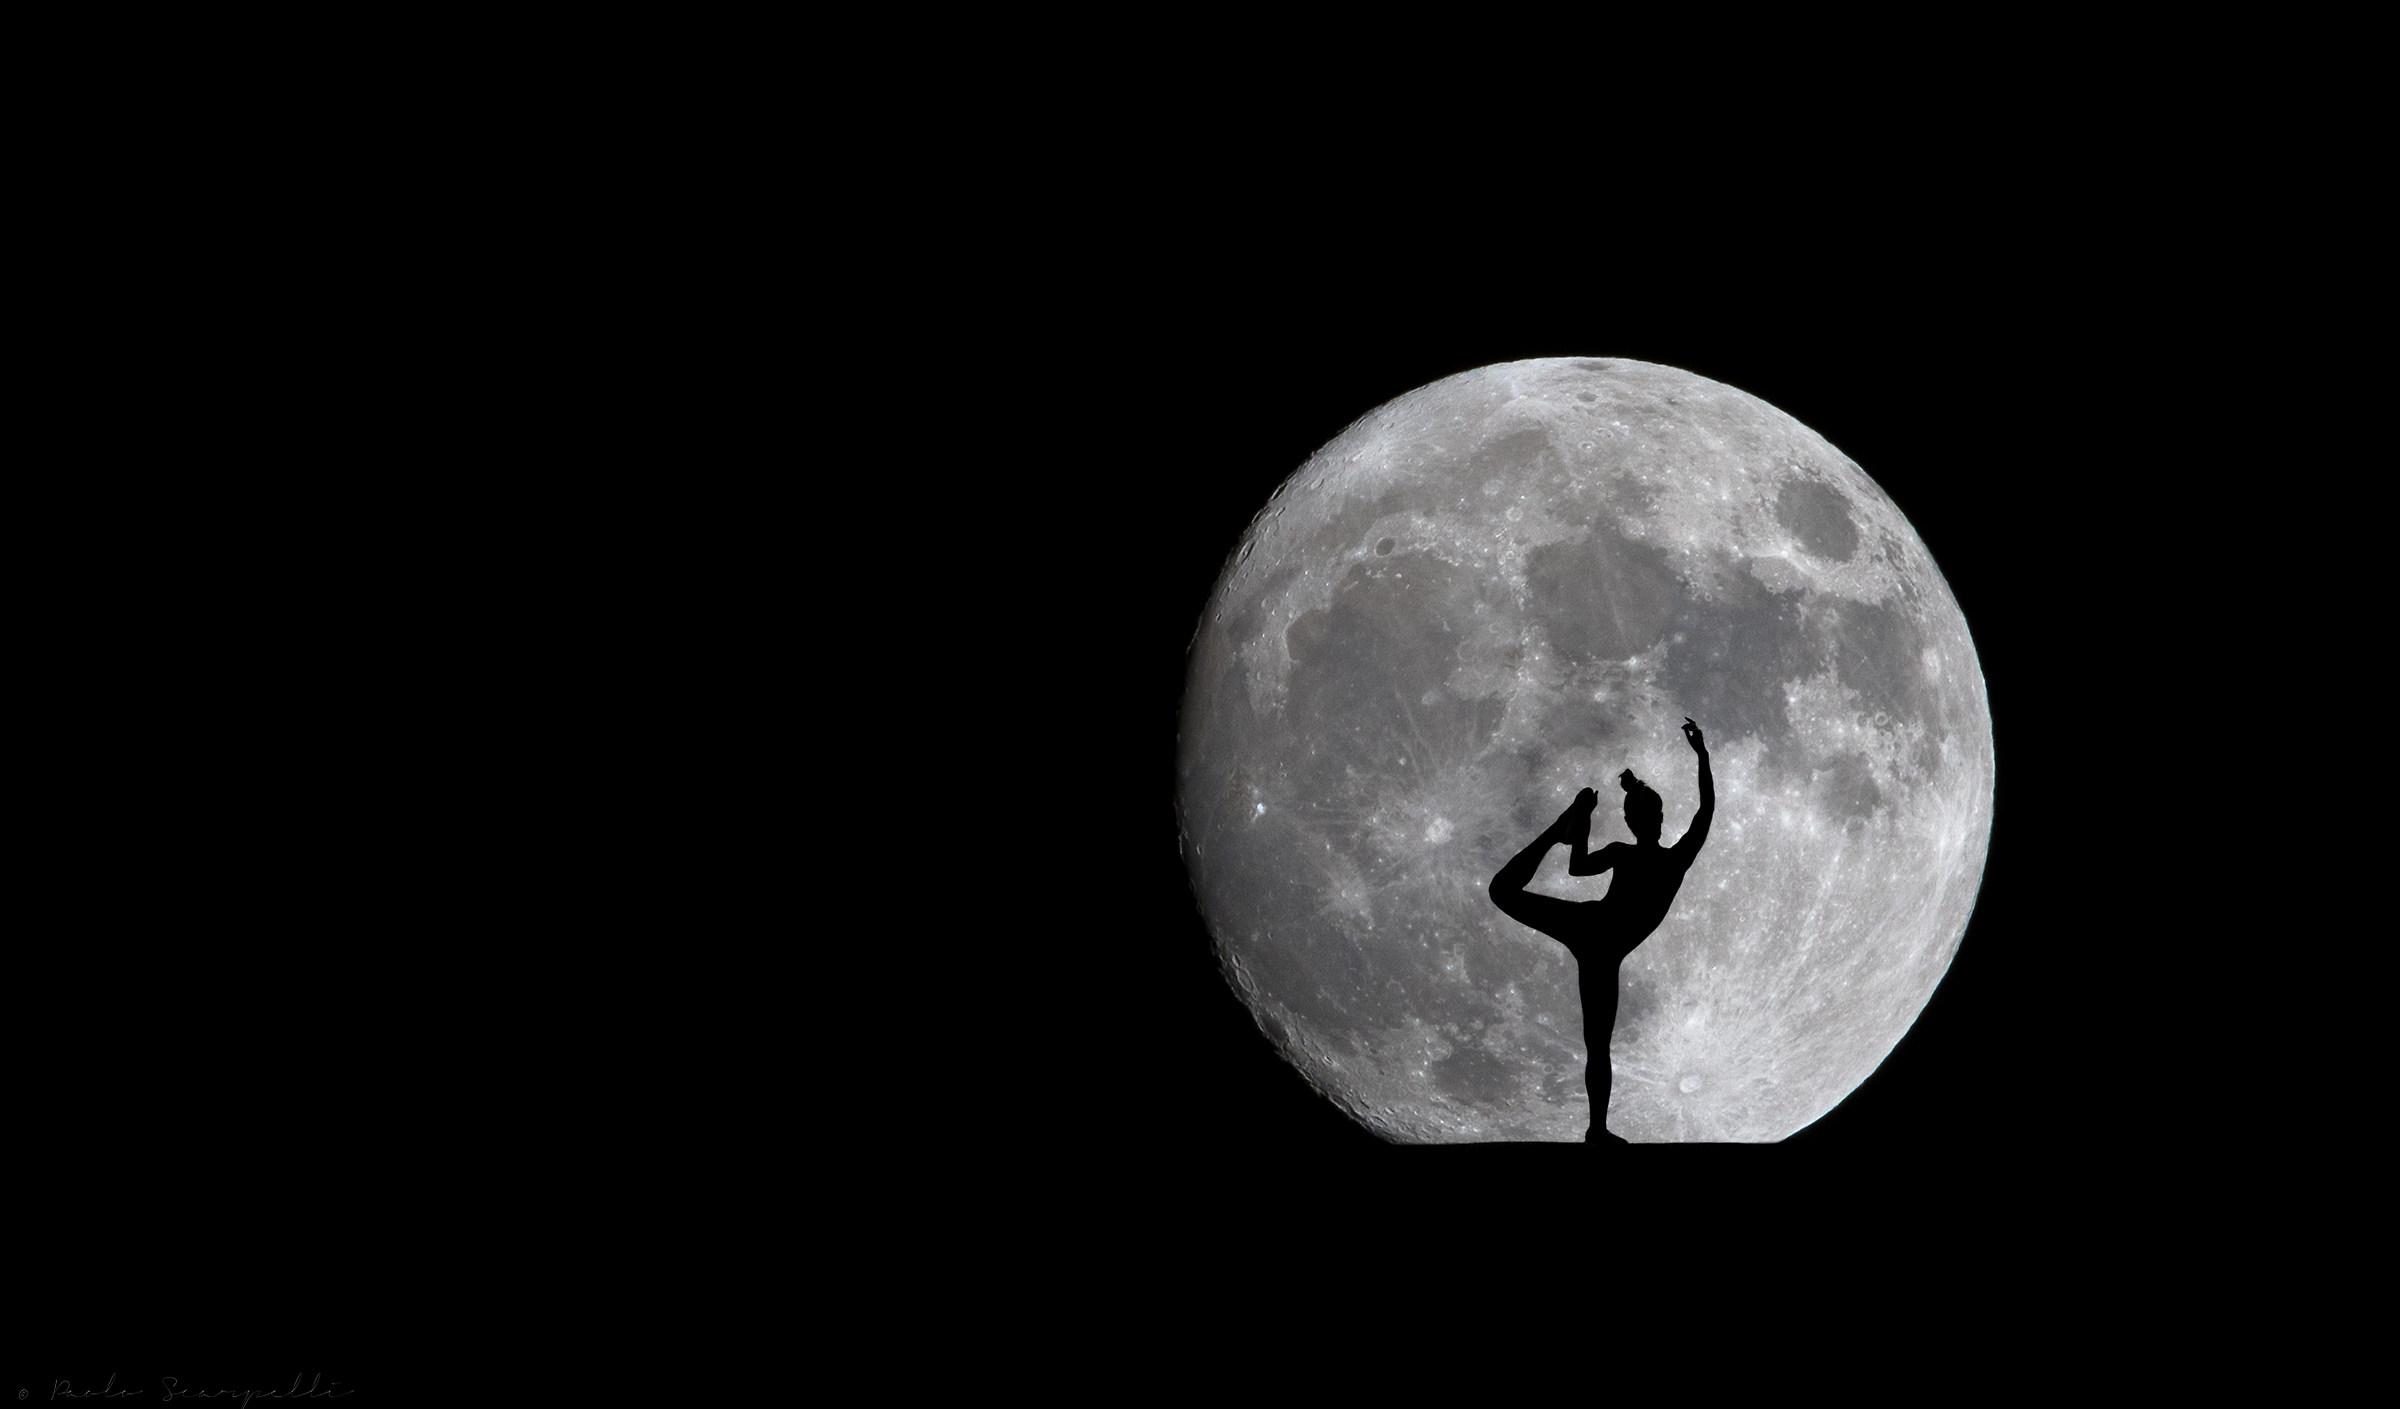 Dancing in the moonlight...